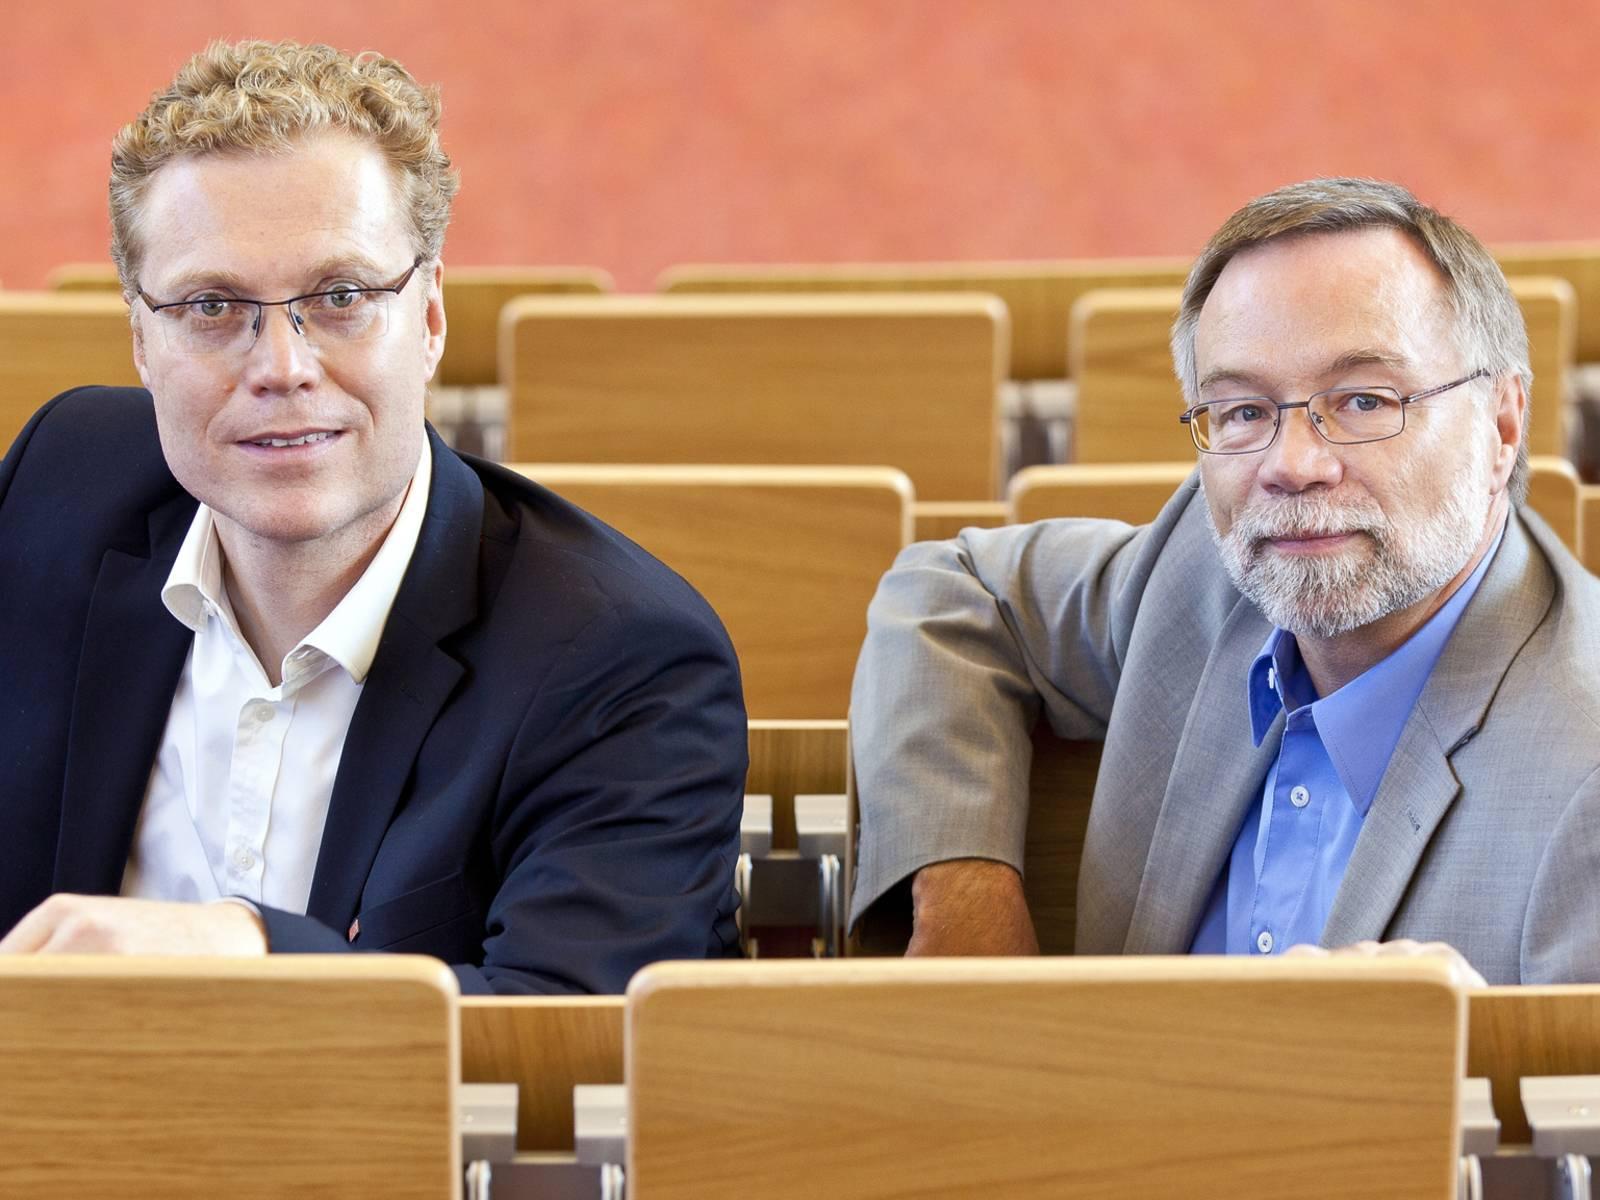 Zwei Männer in einem Hörsaal